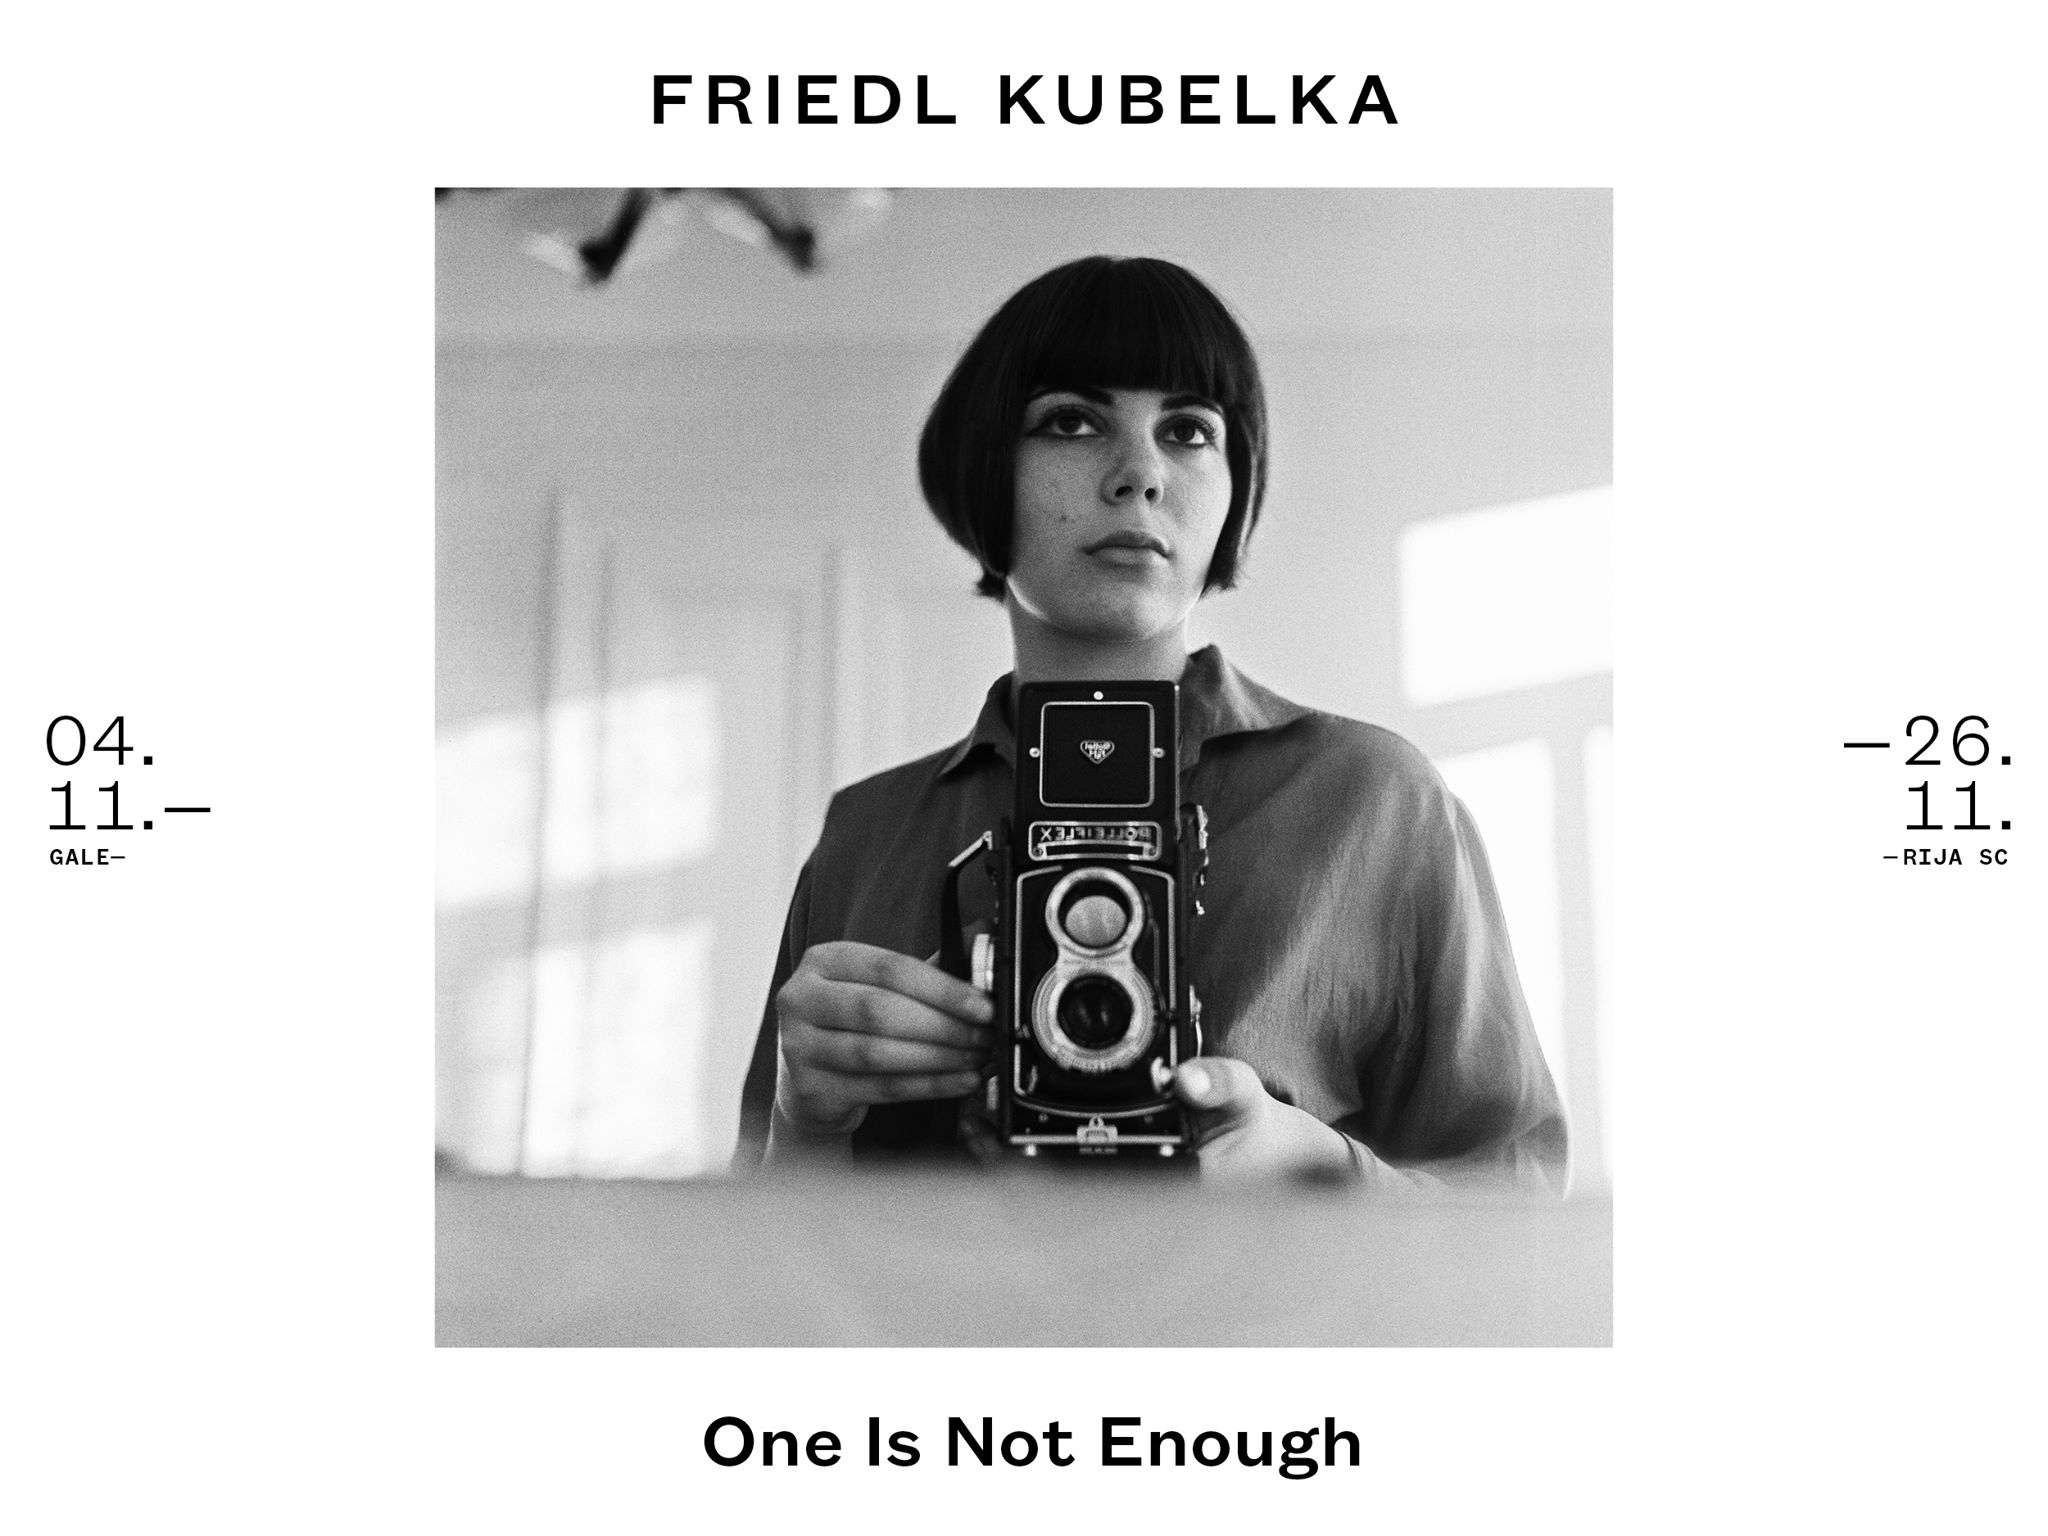 FK – Friedl Kubelka. One Is Not Enough _Galerija SC